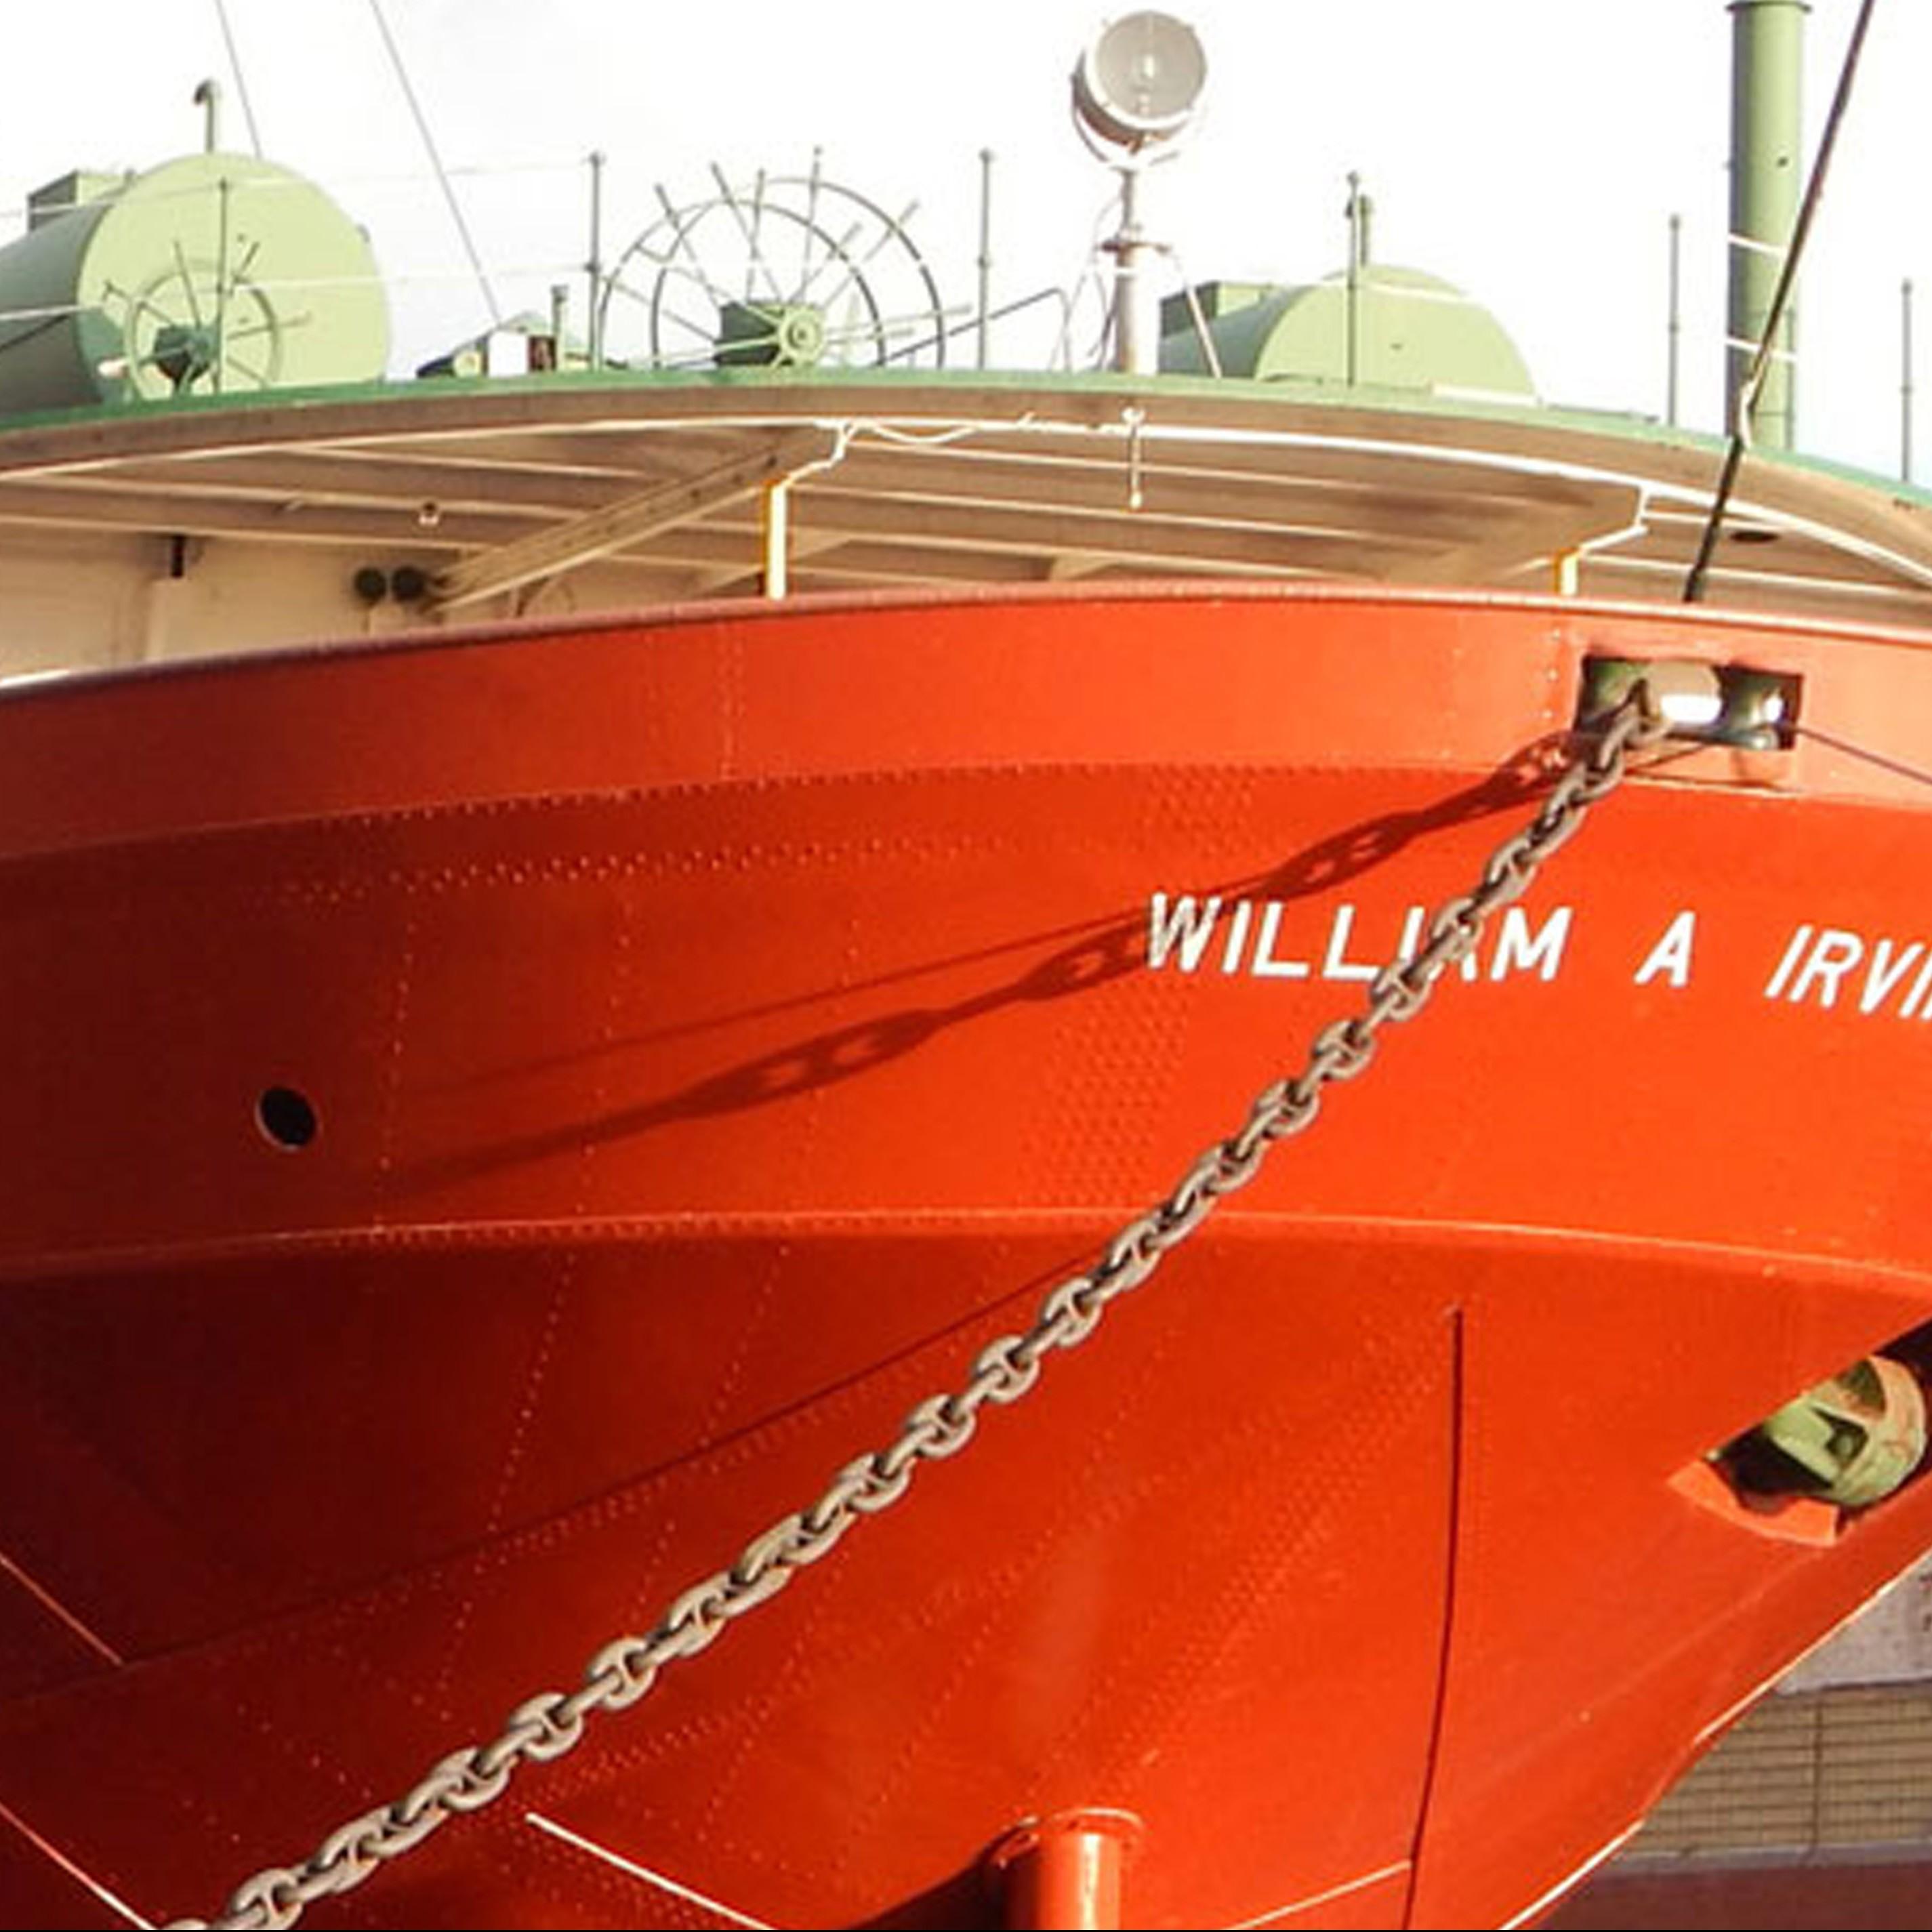 William A Irvin